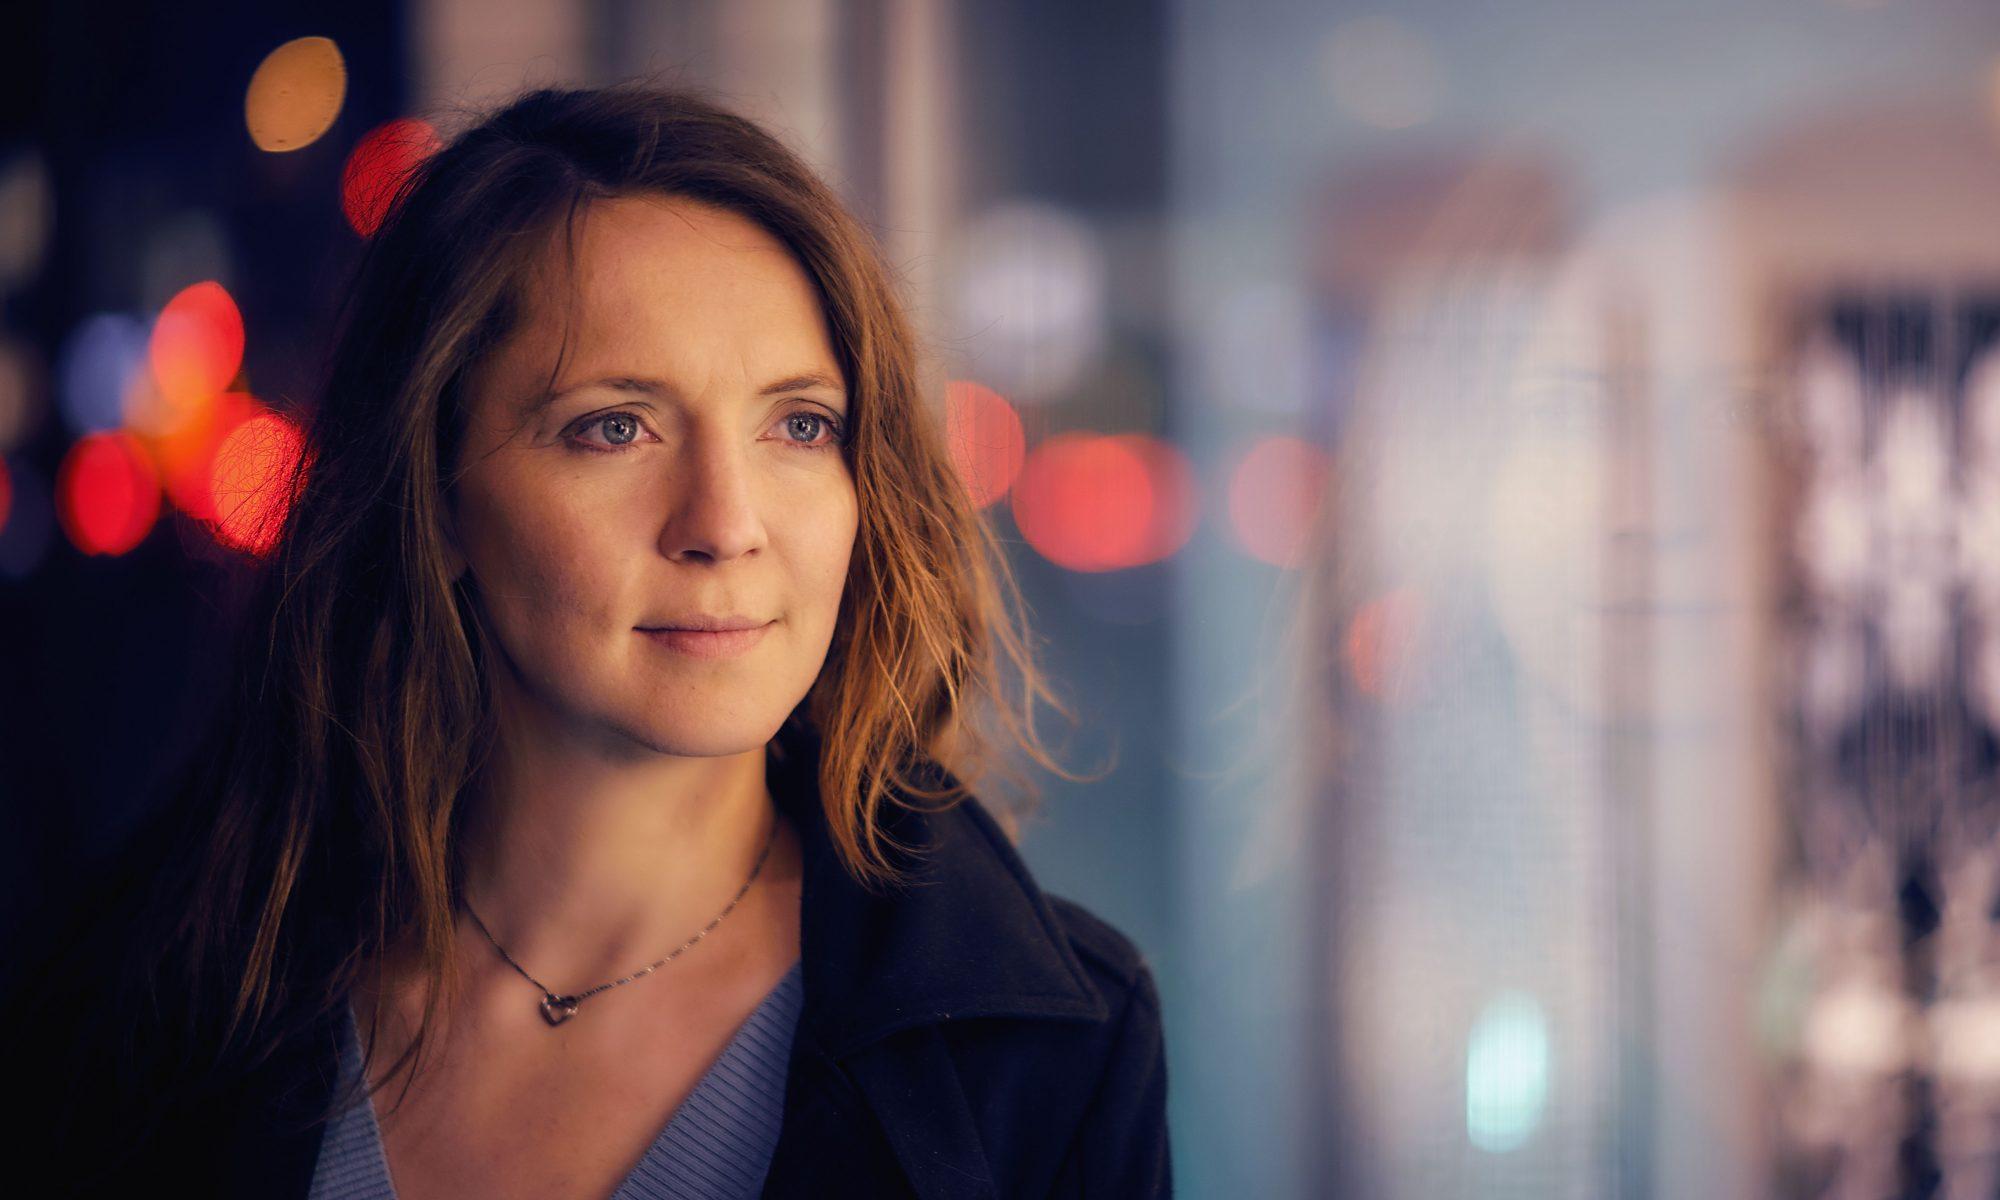 Lisa Kühnemann